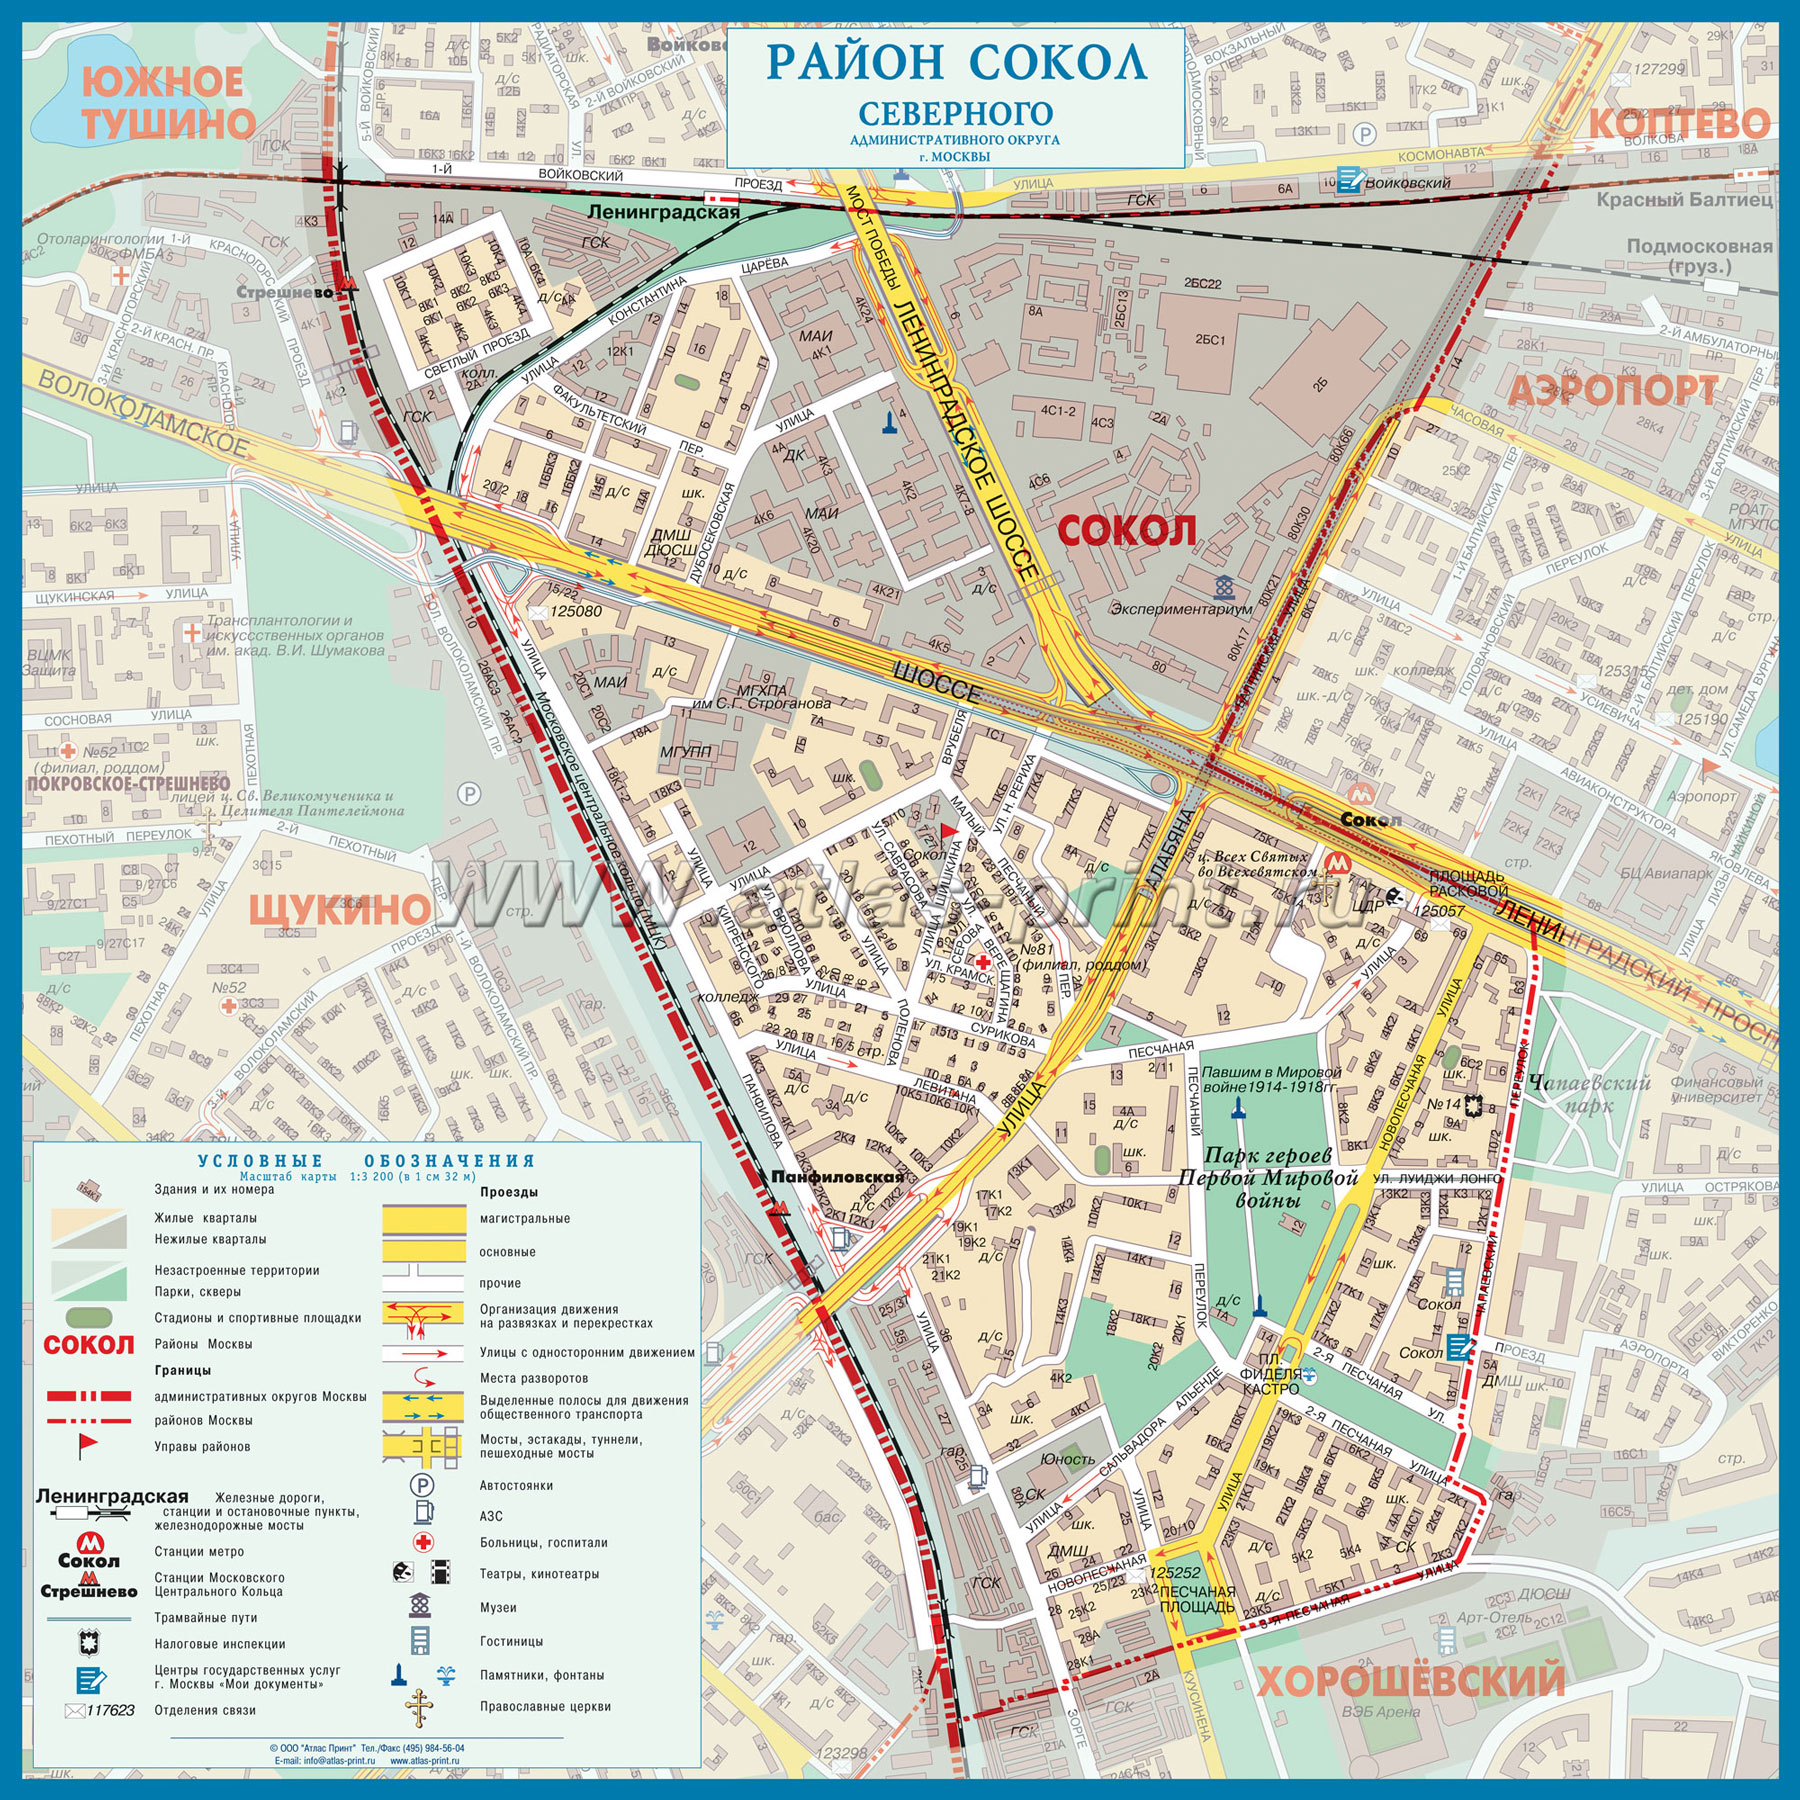 Настенная карта района Сокол г.Москвы 1,00*1,00 м, ламинированная